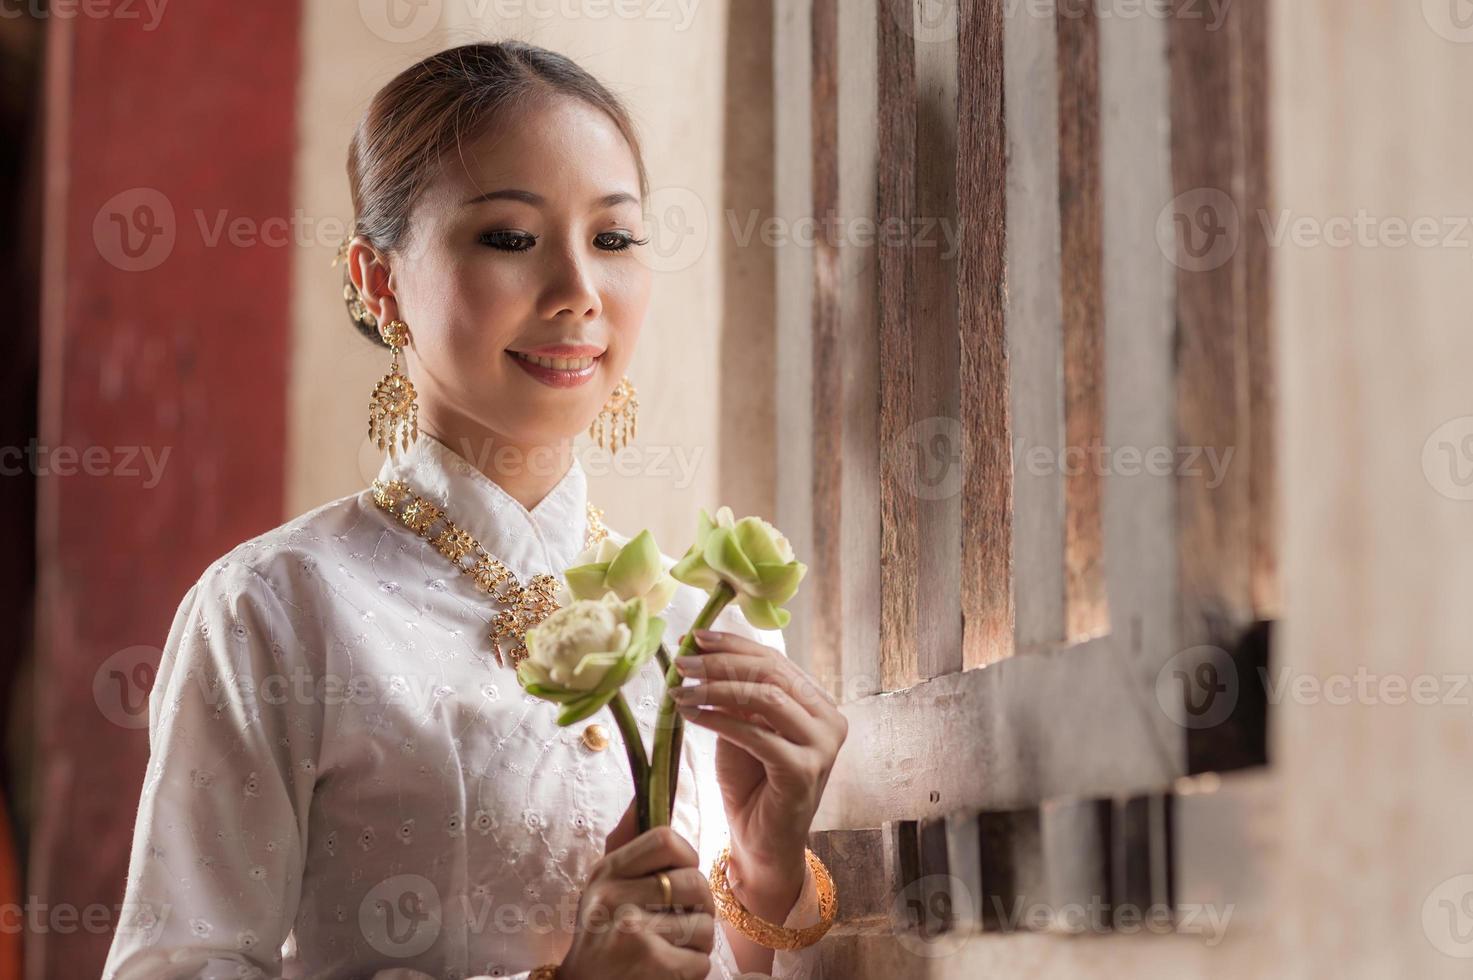 lanna donna foto